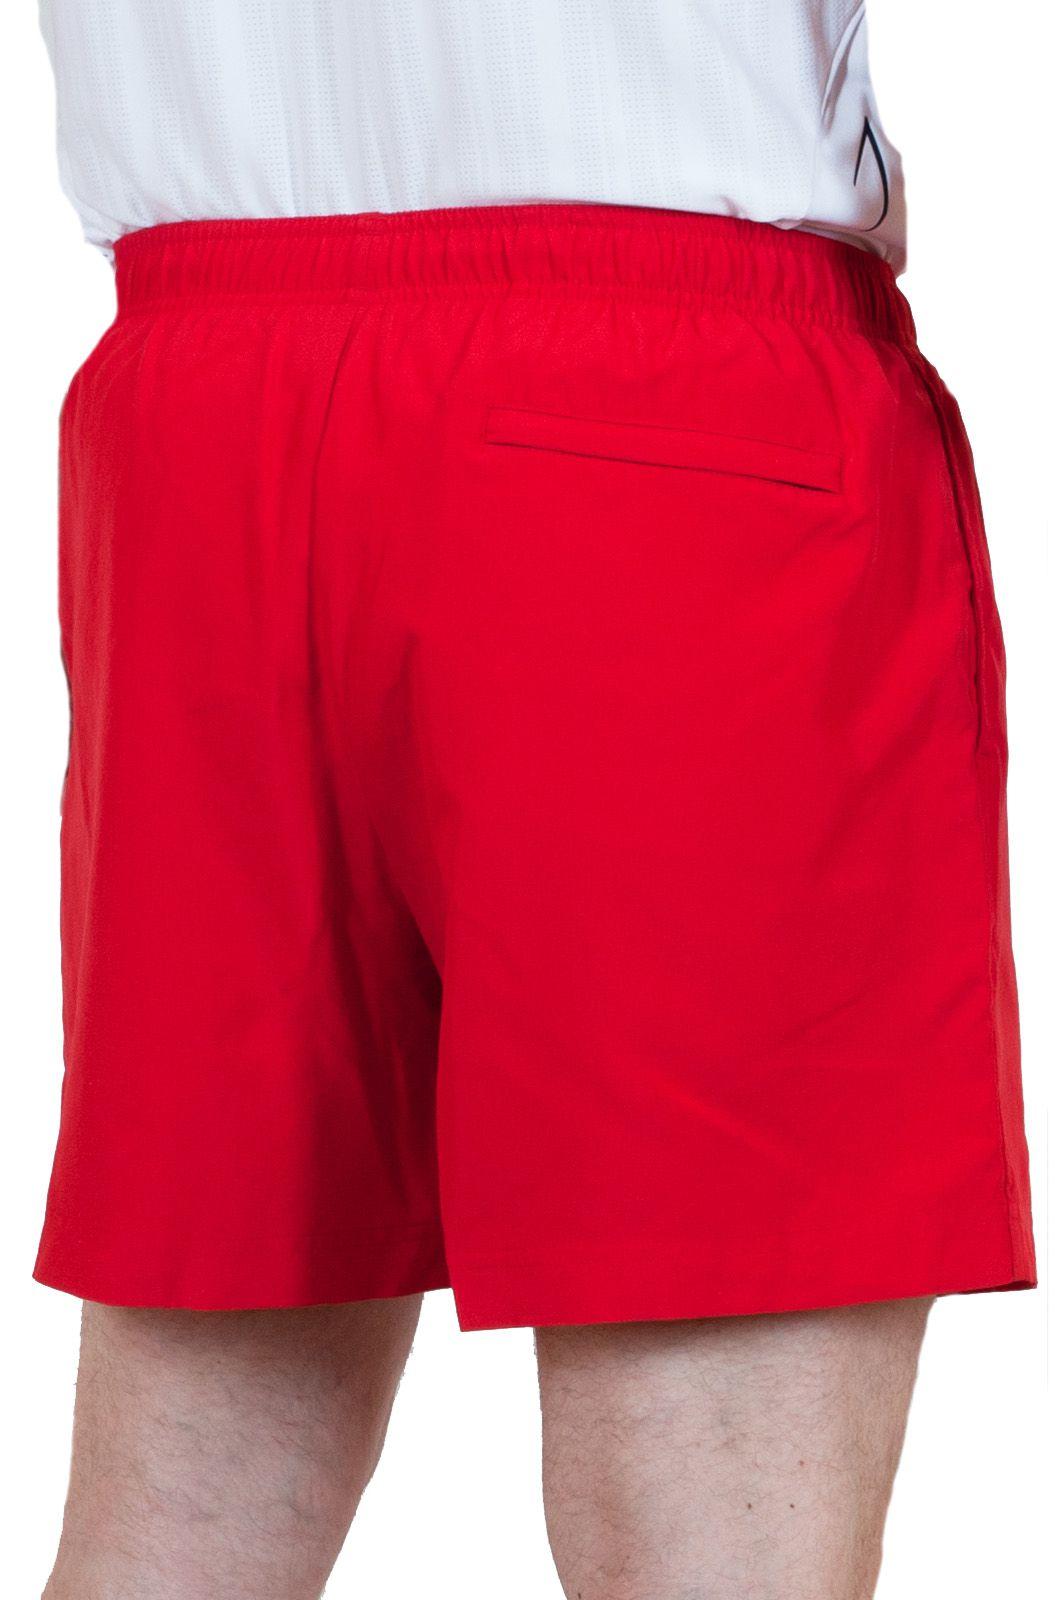 Пляжные мужские шорты красного цвета - вид сзади